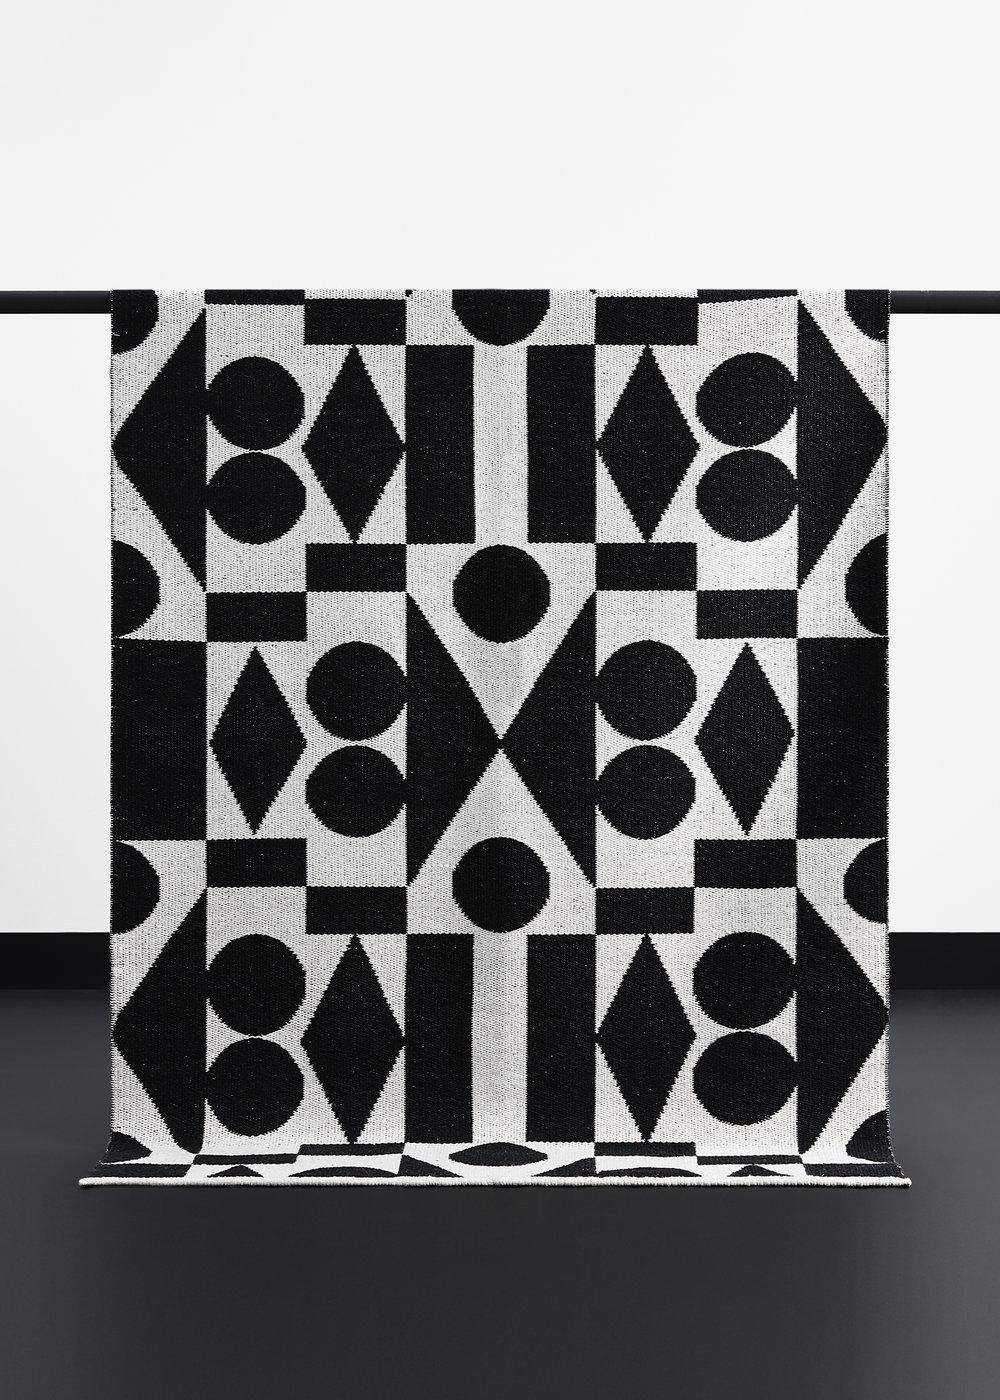 Patternity X John Lewis -